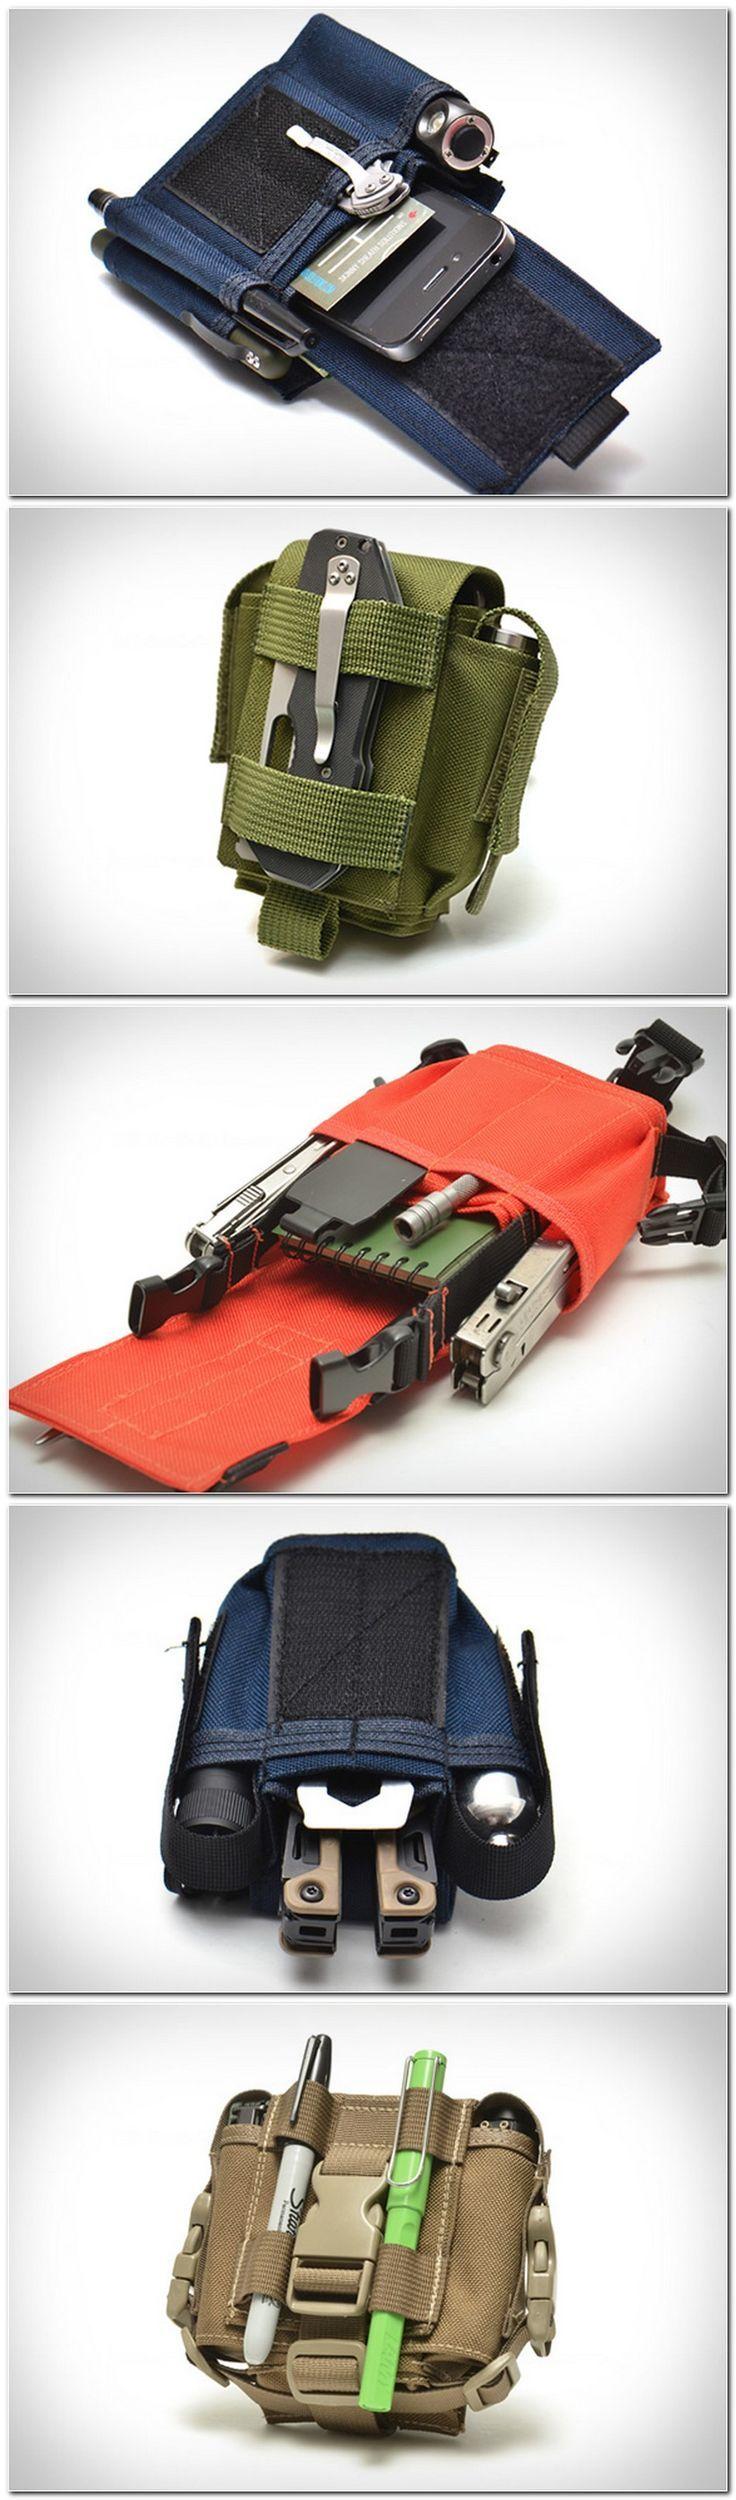 151 besten Bags Bilder auf Pinterest | Männer taschen, Aktentaschen ...